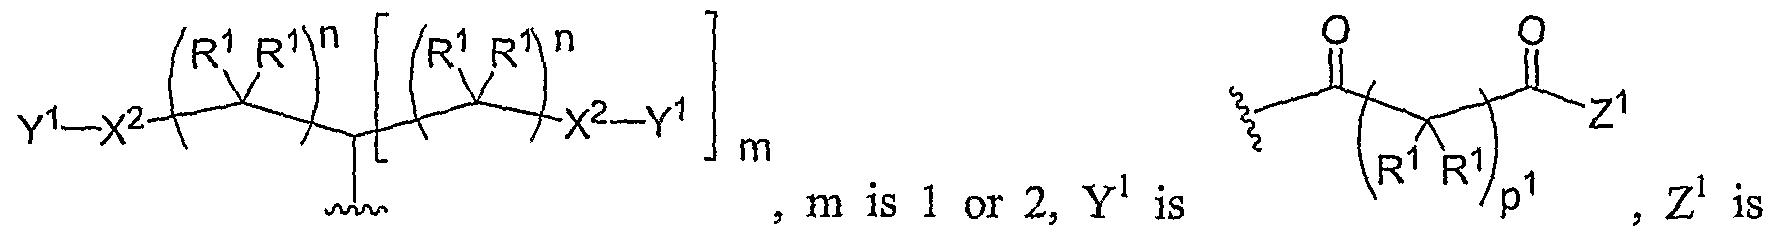 Figure imgf000314_0006